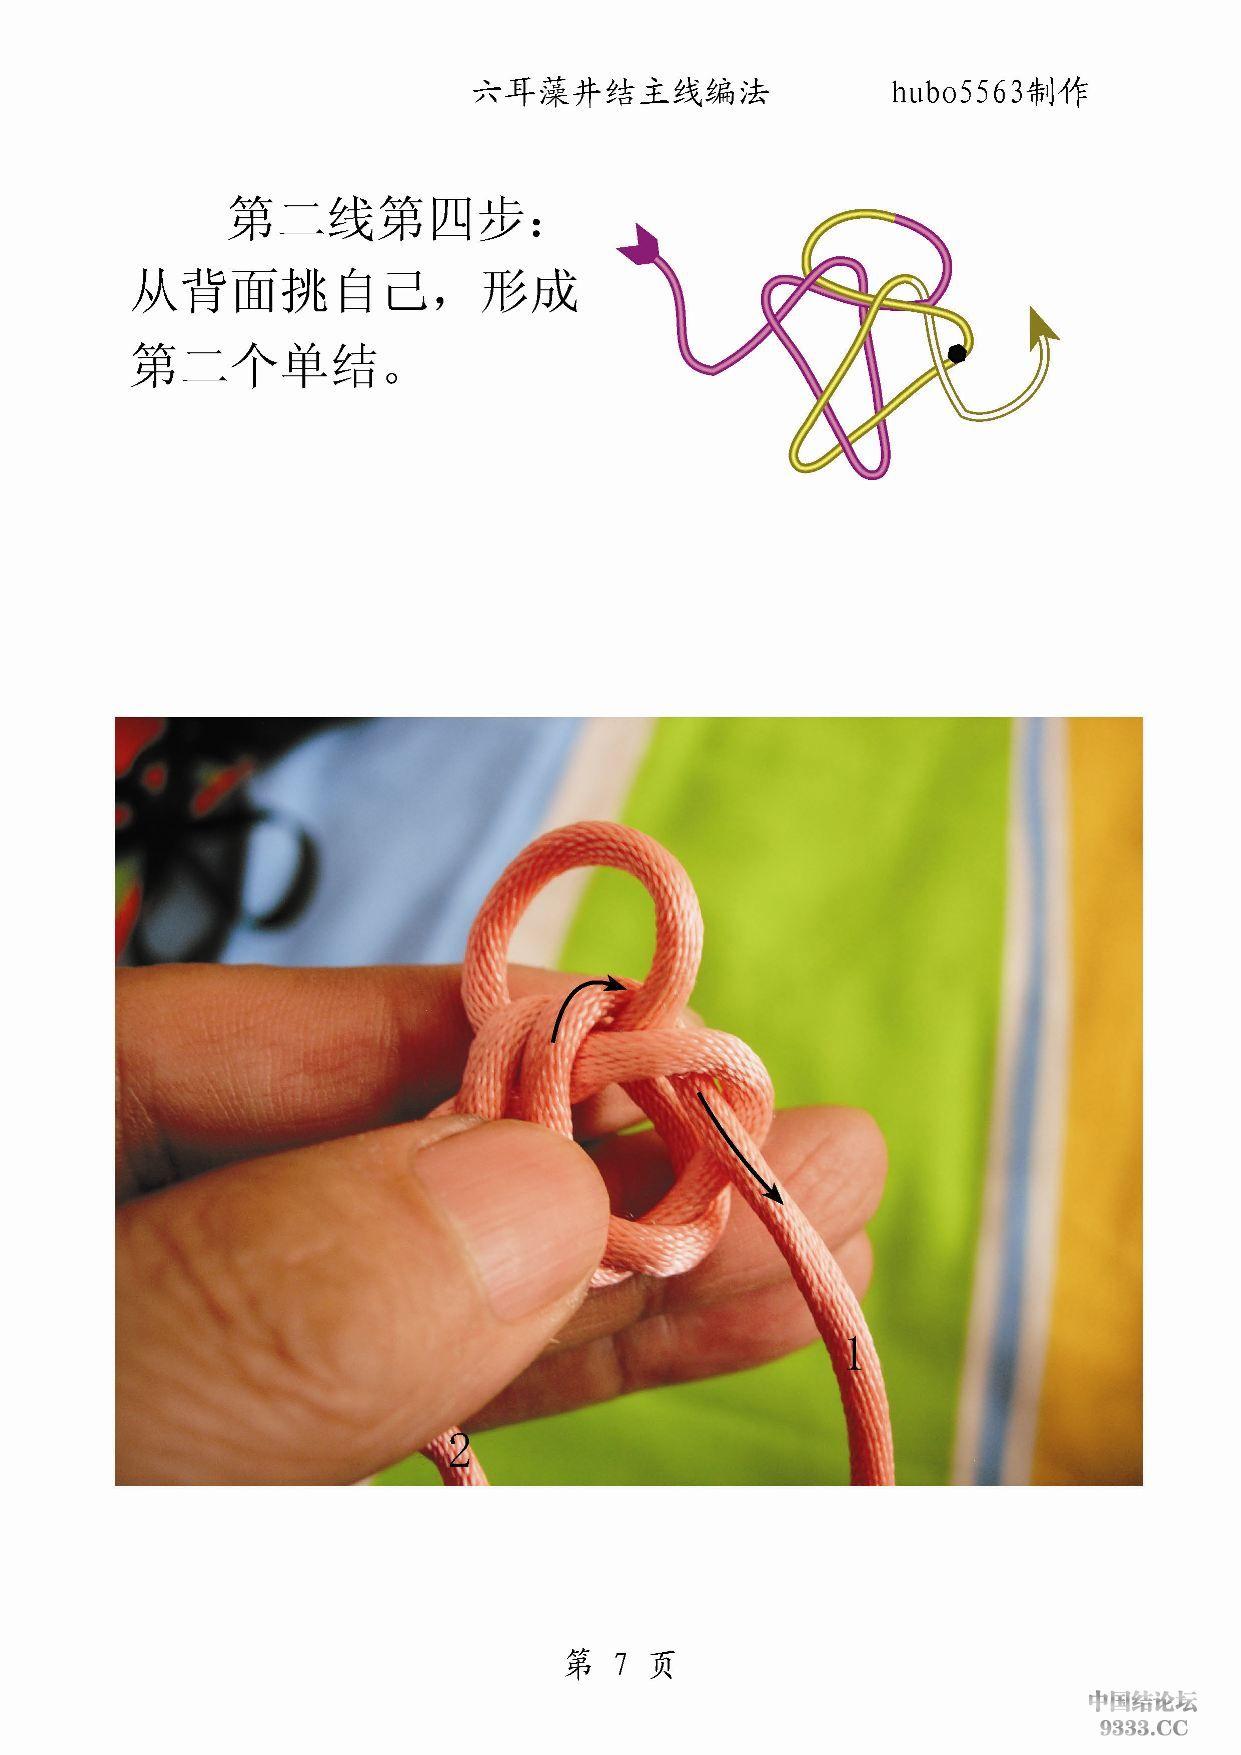 中国结论坛 原创新结---六耳藻井结主线编法徒手教程  基本结-新手入门必看 10021922140aec40d9462c6936